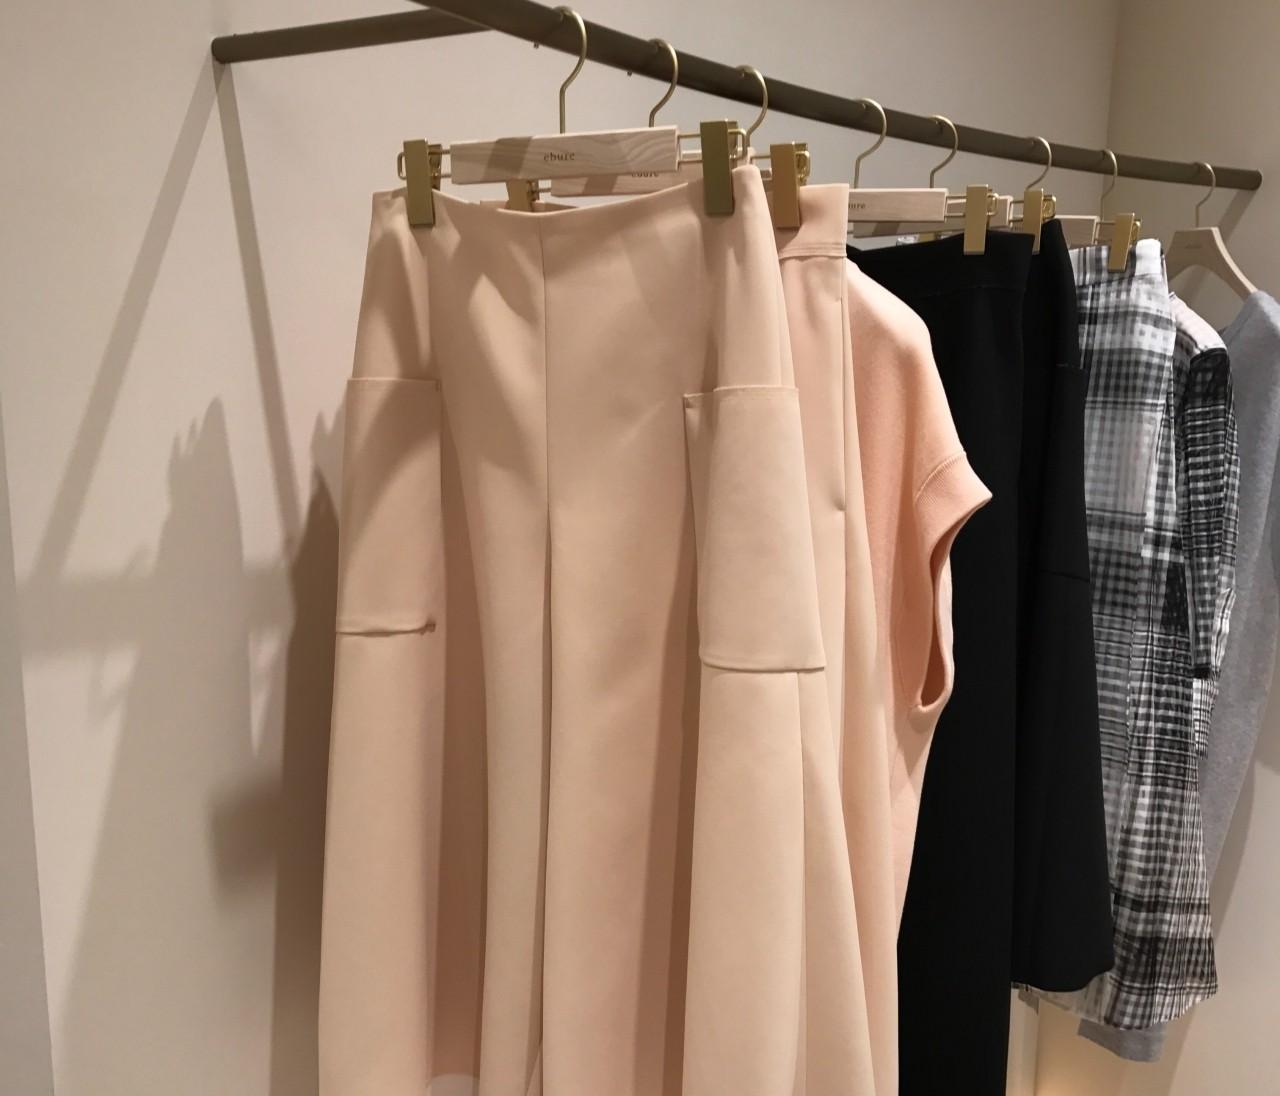 日本初店舗 ebure(エブール)GINZA SIX店へ